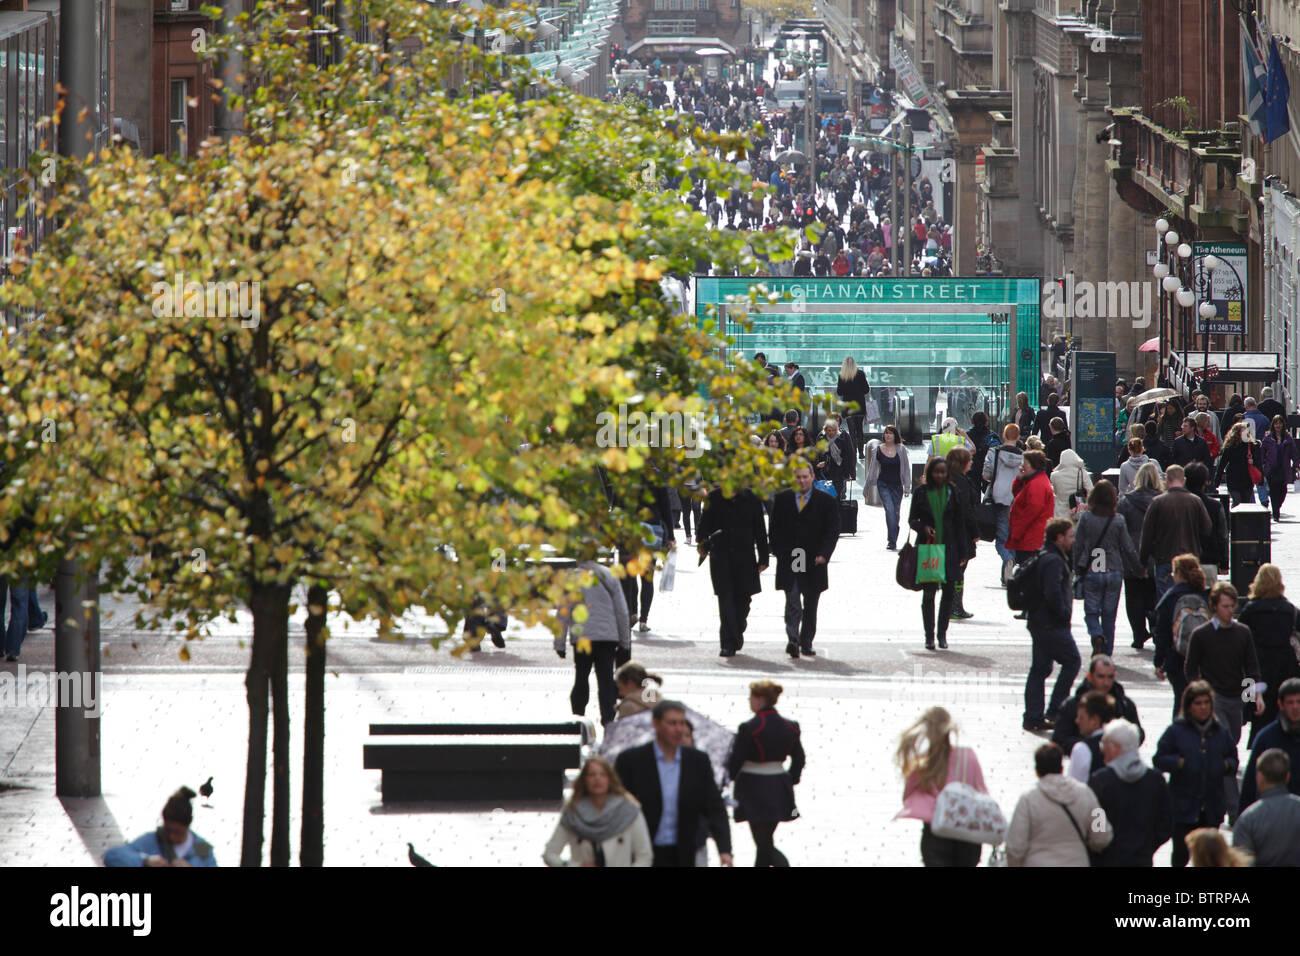 Fußgänger zu Fuß an der Buchanan Street im Herbst, Glasgow, Schottland, UK Stockbild